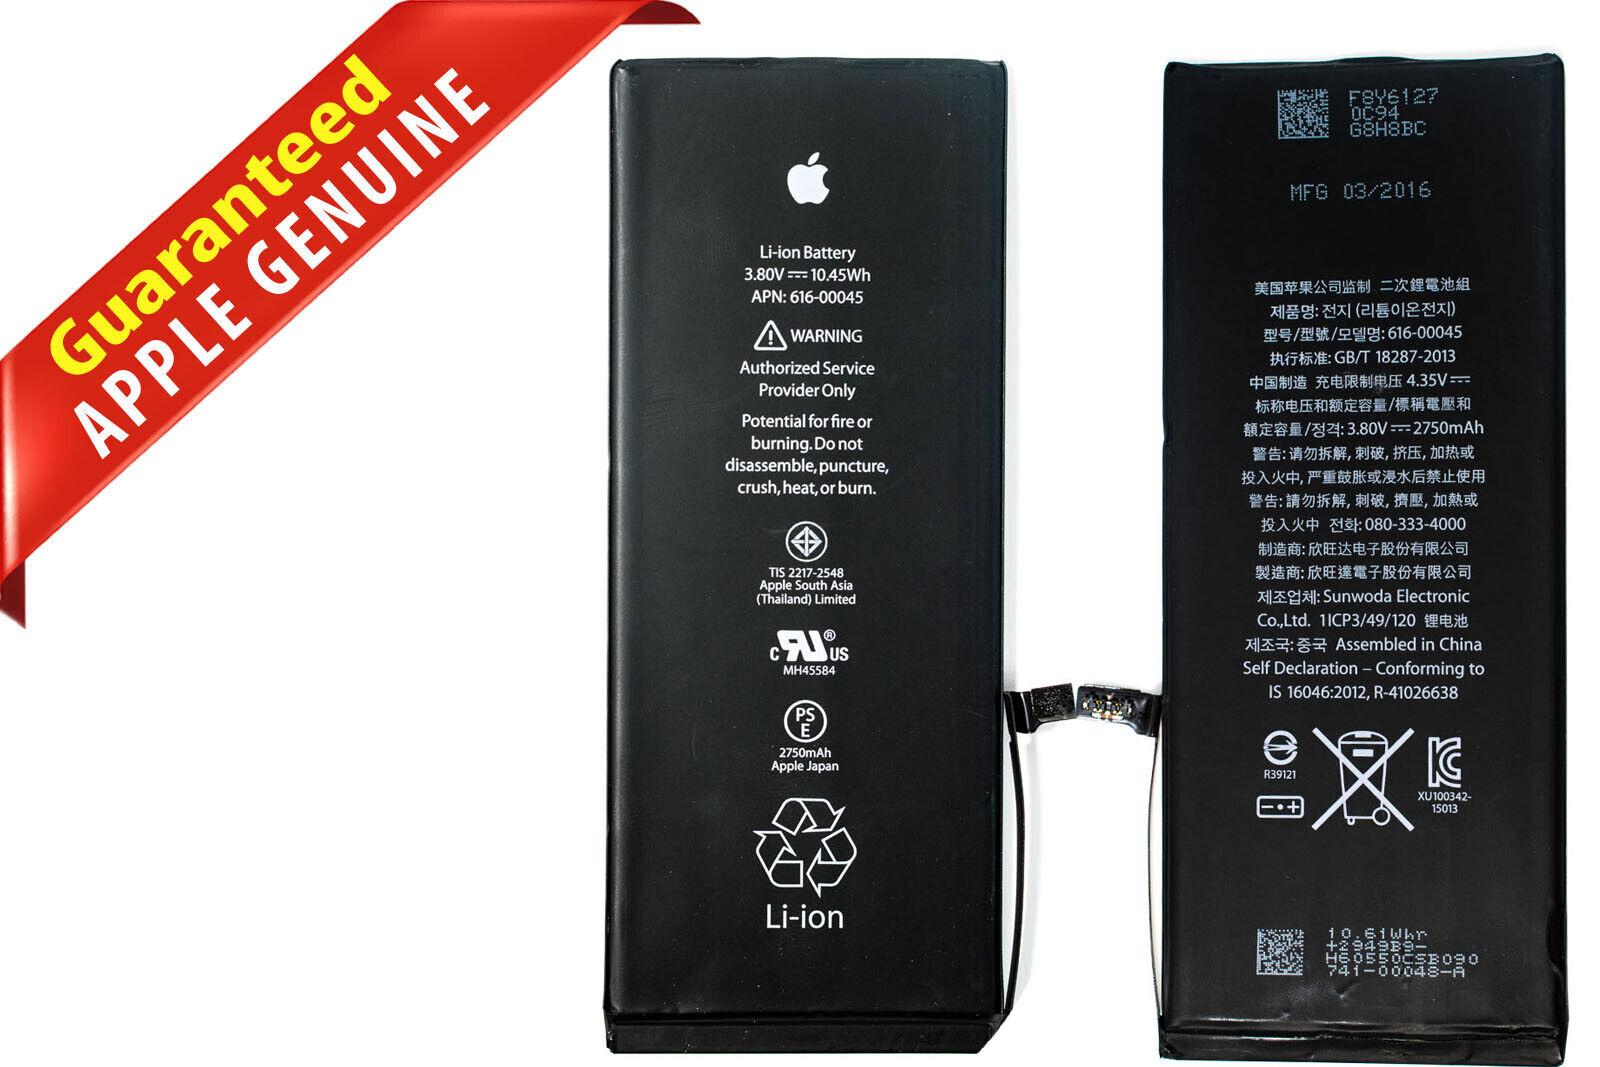 Cinta Adhesiva VybraniuM/® Bater/ía Compatible iPhone 6S Plus 2750 mAh de Alta Capacidad de la bater/ía Original y con Kits de Herramientas de reparaci/ón